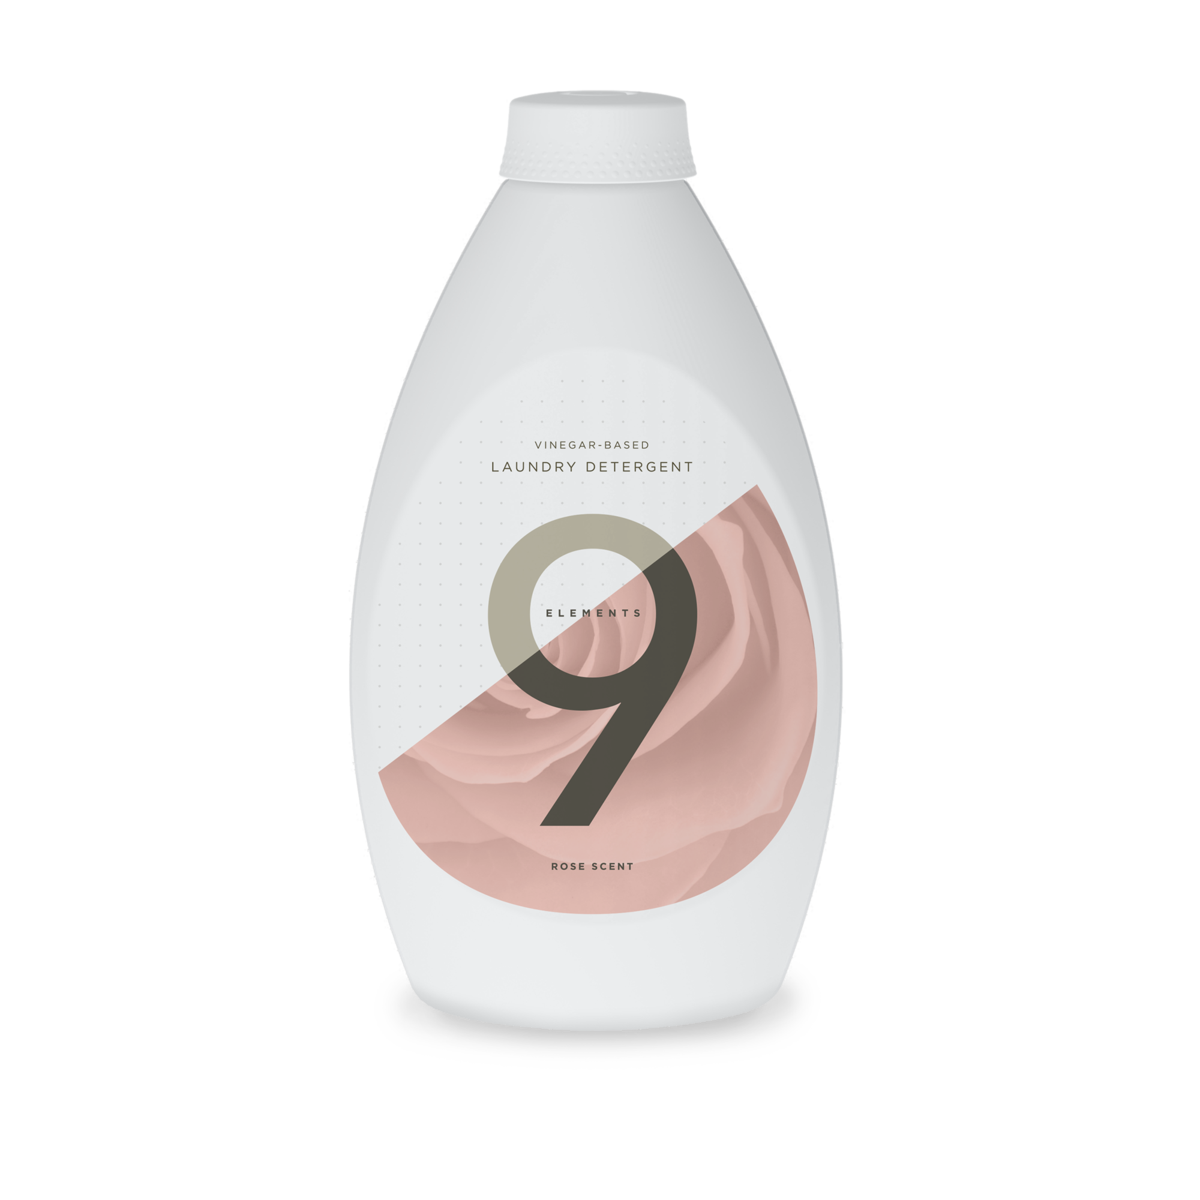 Rose Laundry Detergent 9 Elements